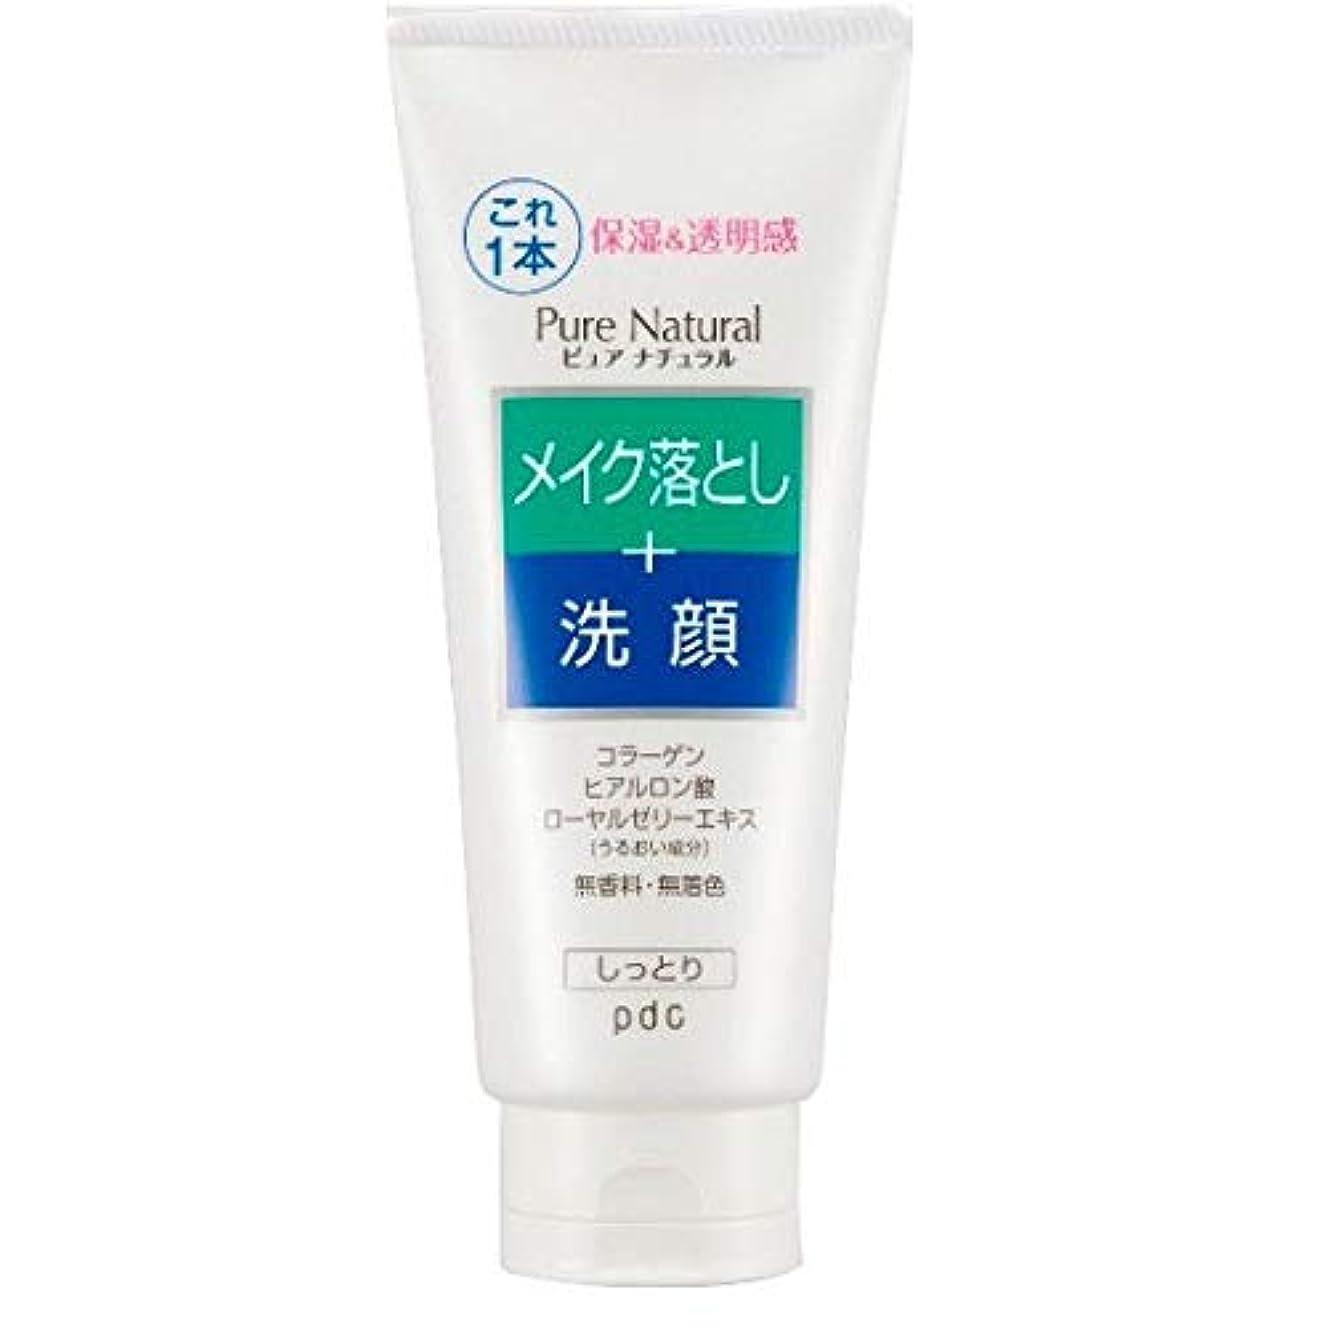 研究キャラバン接尾辞【pdc】pdc ピュアナチュラル クレンジング洗顔 170g